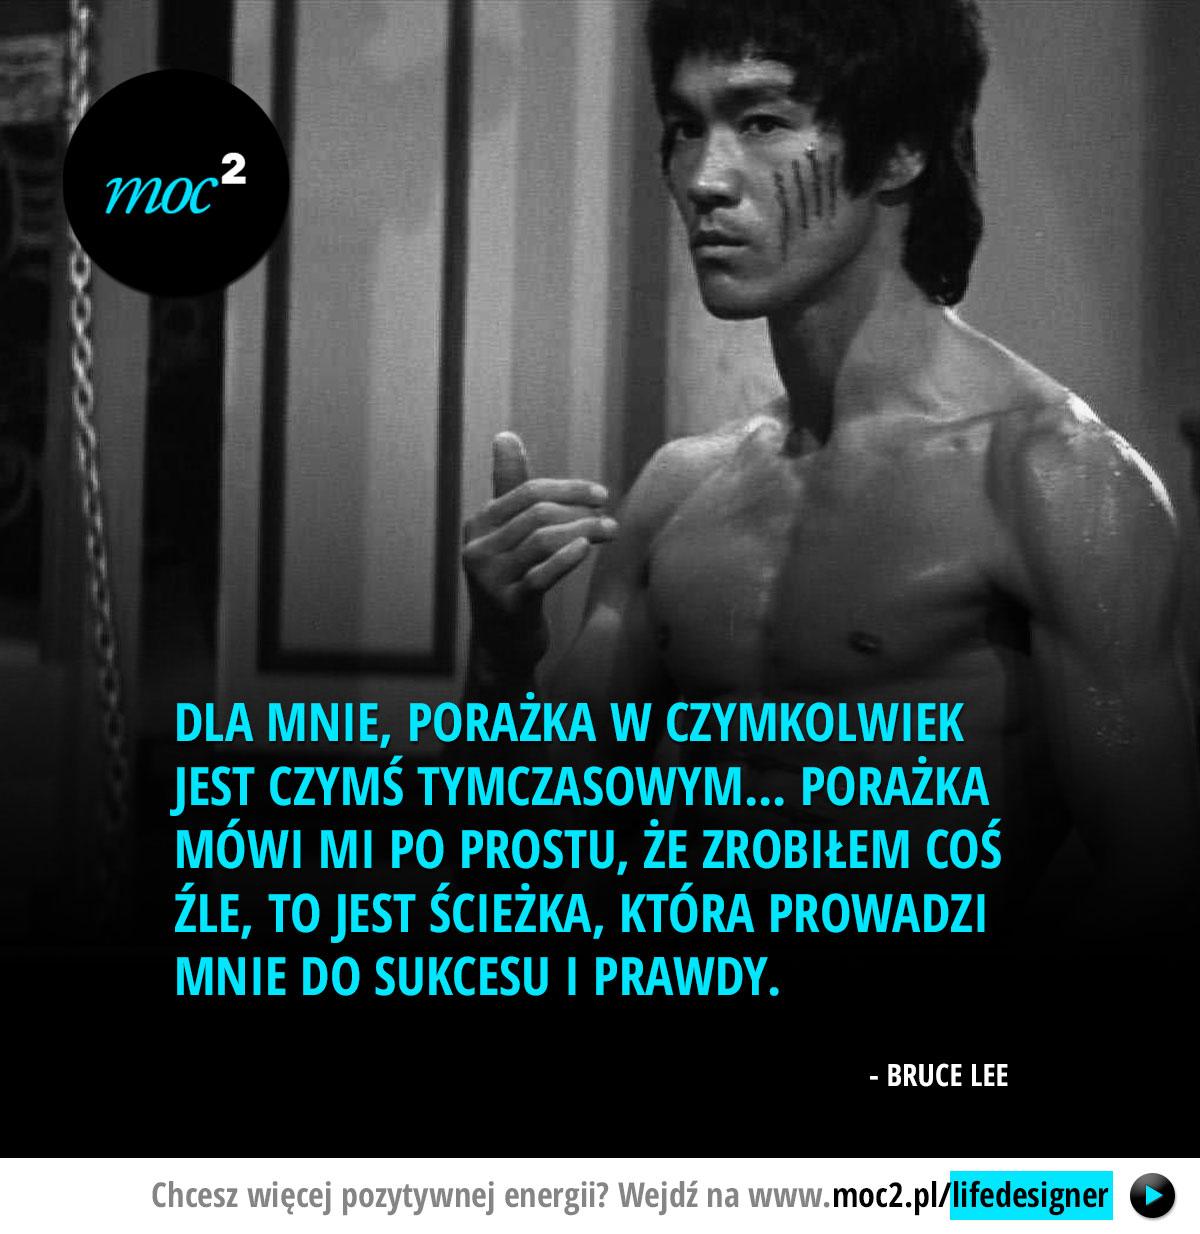 Dla mnie, porażka w czymkolwiek jest czymś tymczasowym... Porażka mówi mi po prostu, że zrobiłem coś źle, to jest ścieżka, która prowadzi mnie do sukcesu i prawdy. - Bruce Lee